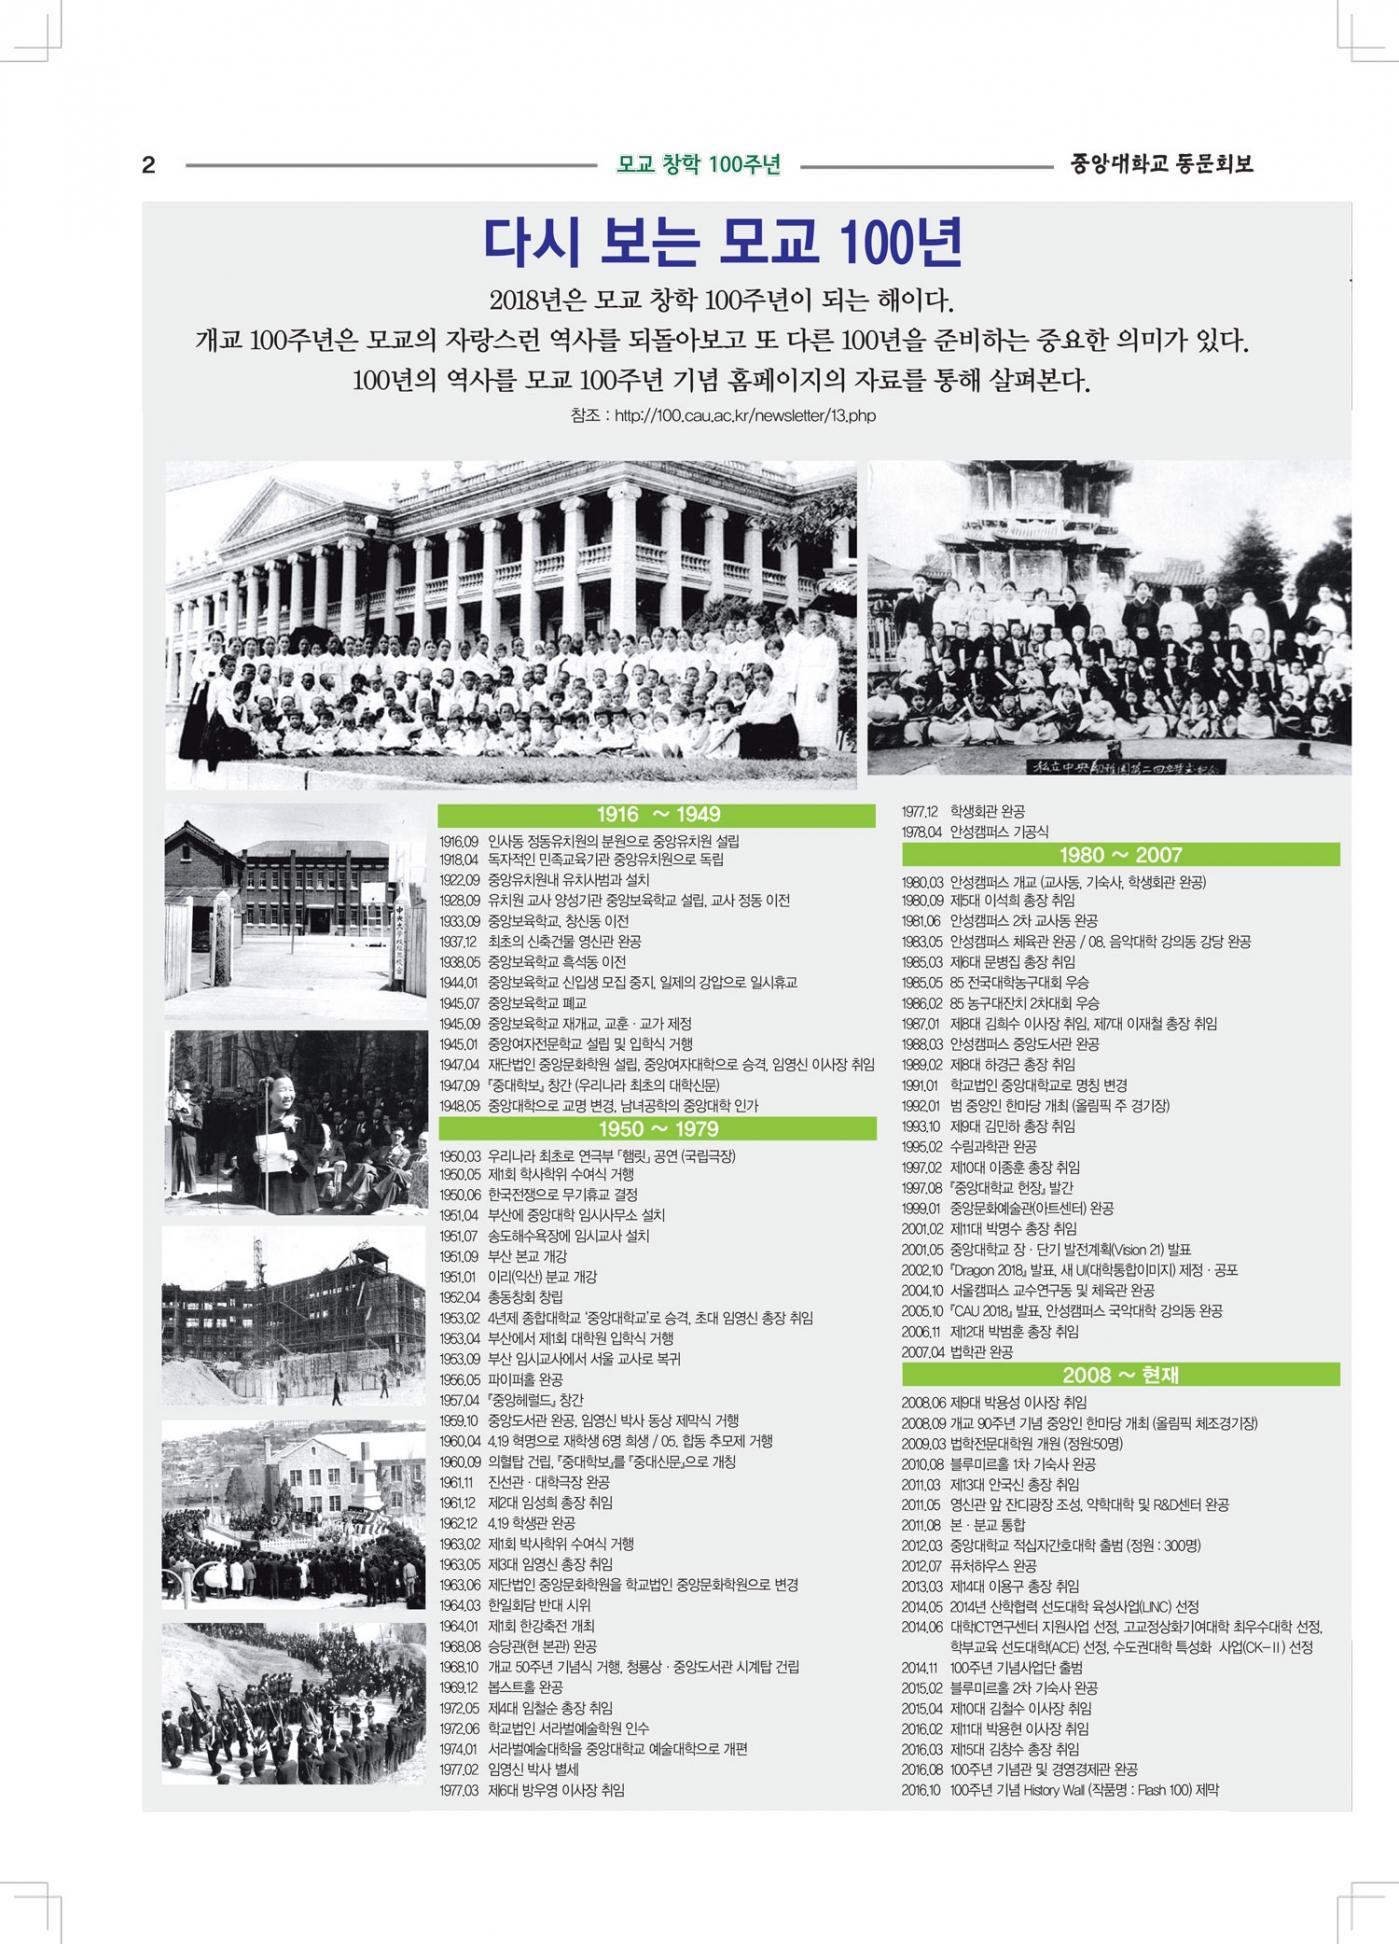 중앙대학교동문317호회보-(6)-2.jpg